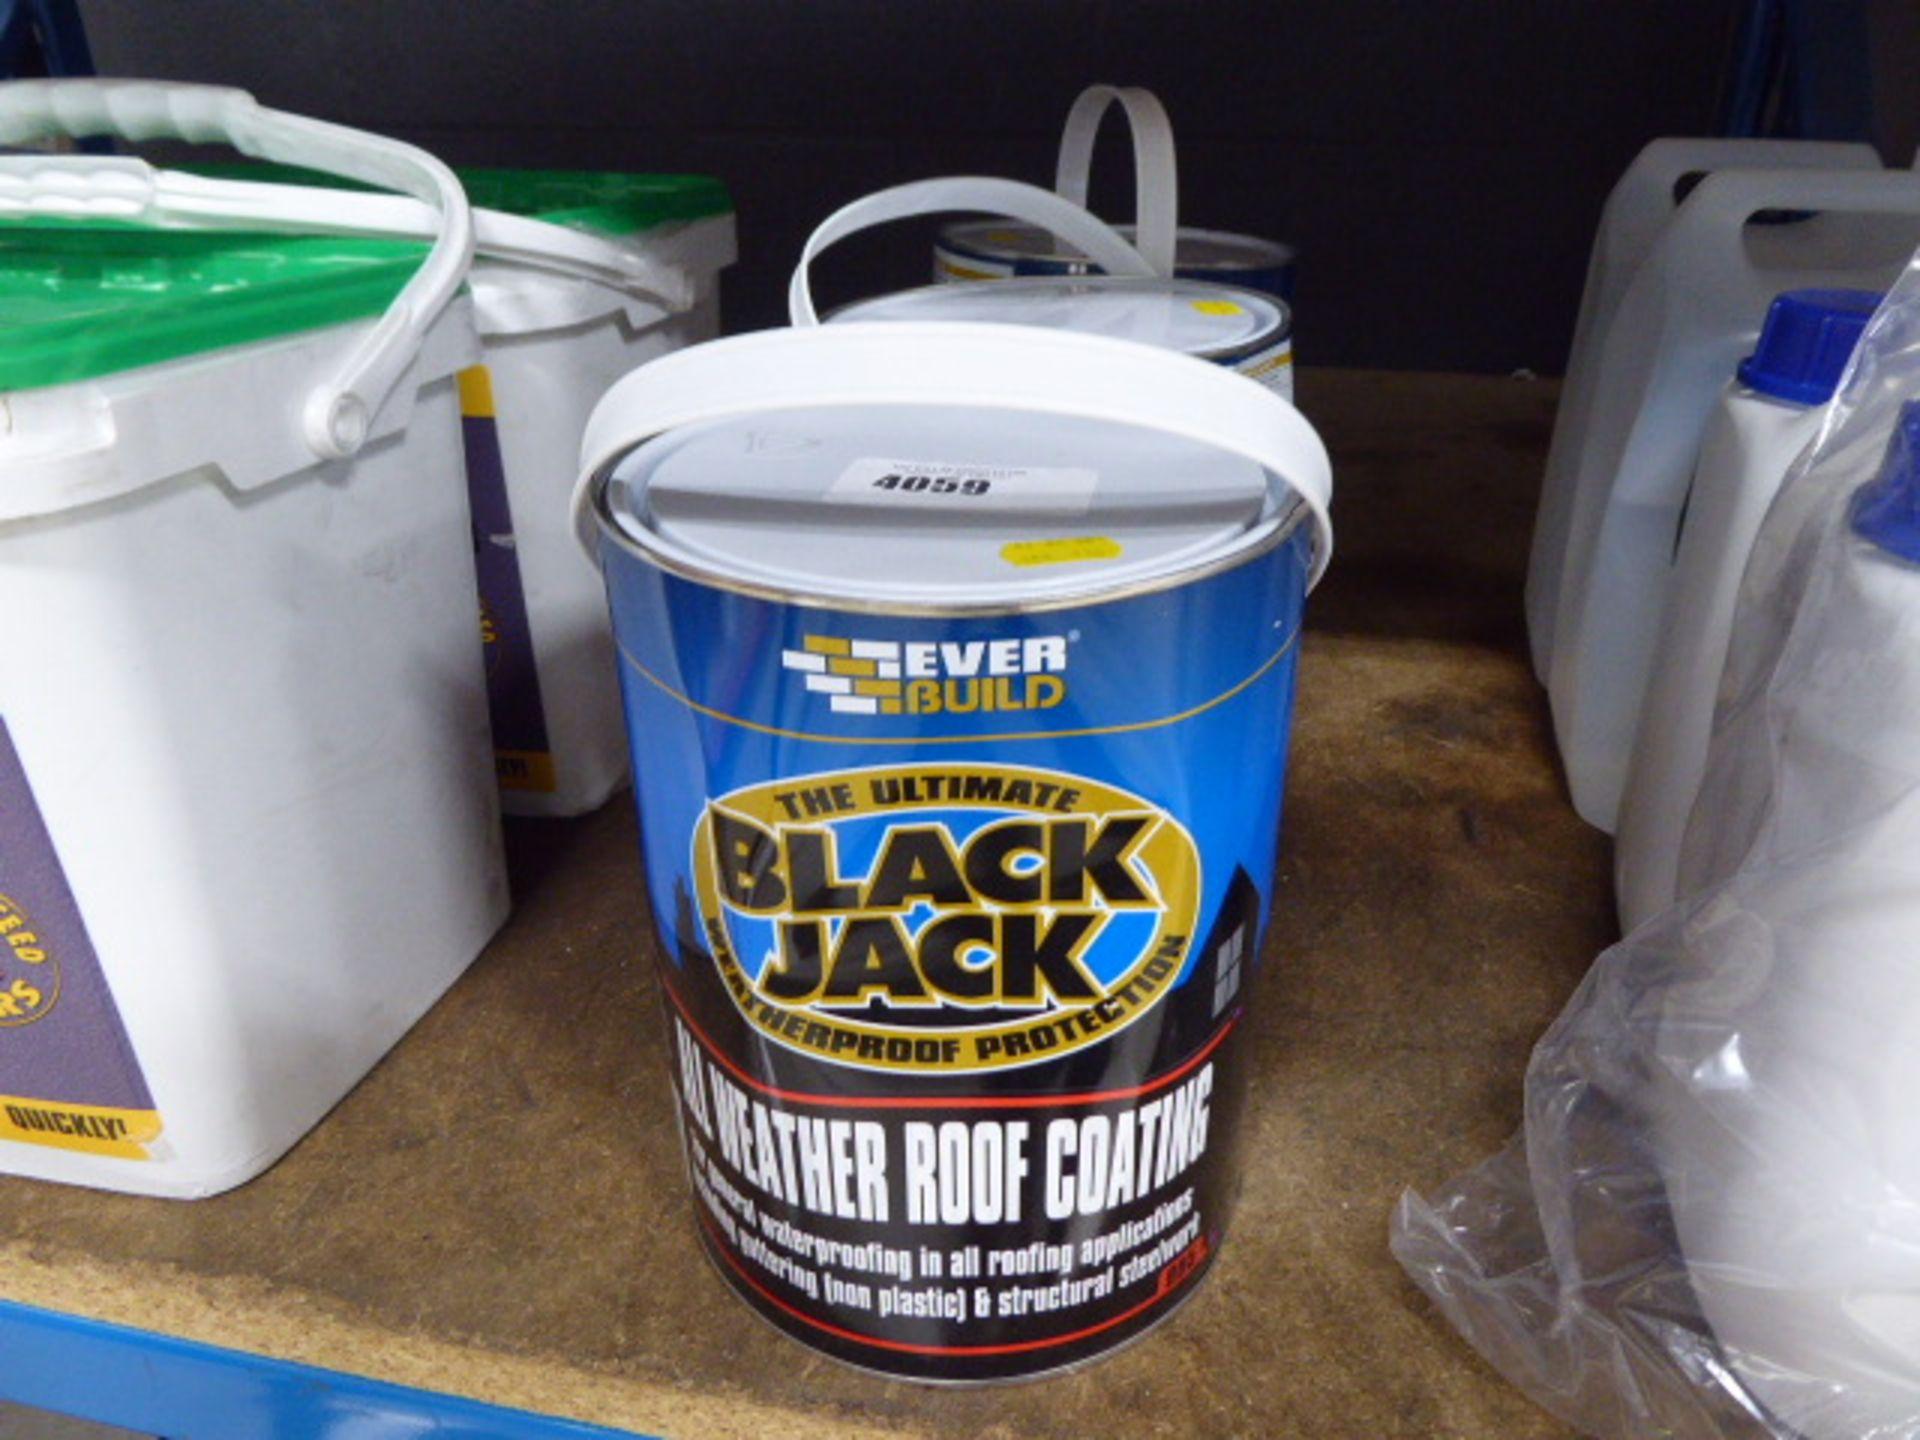 3 tins of Black Jack waterproof protection